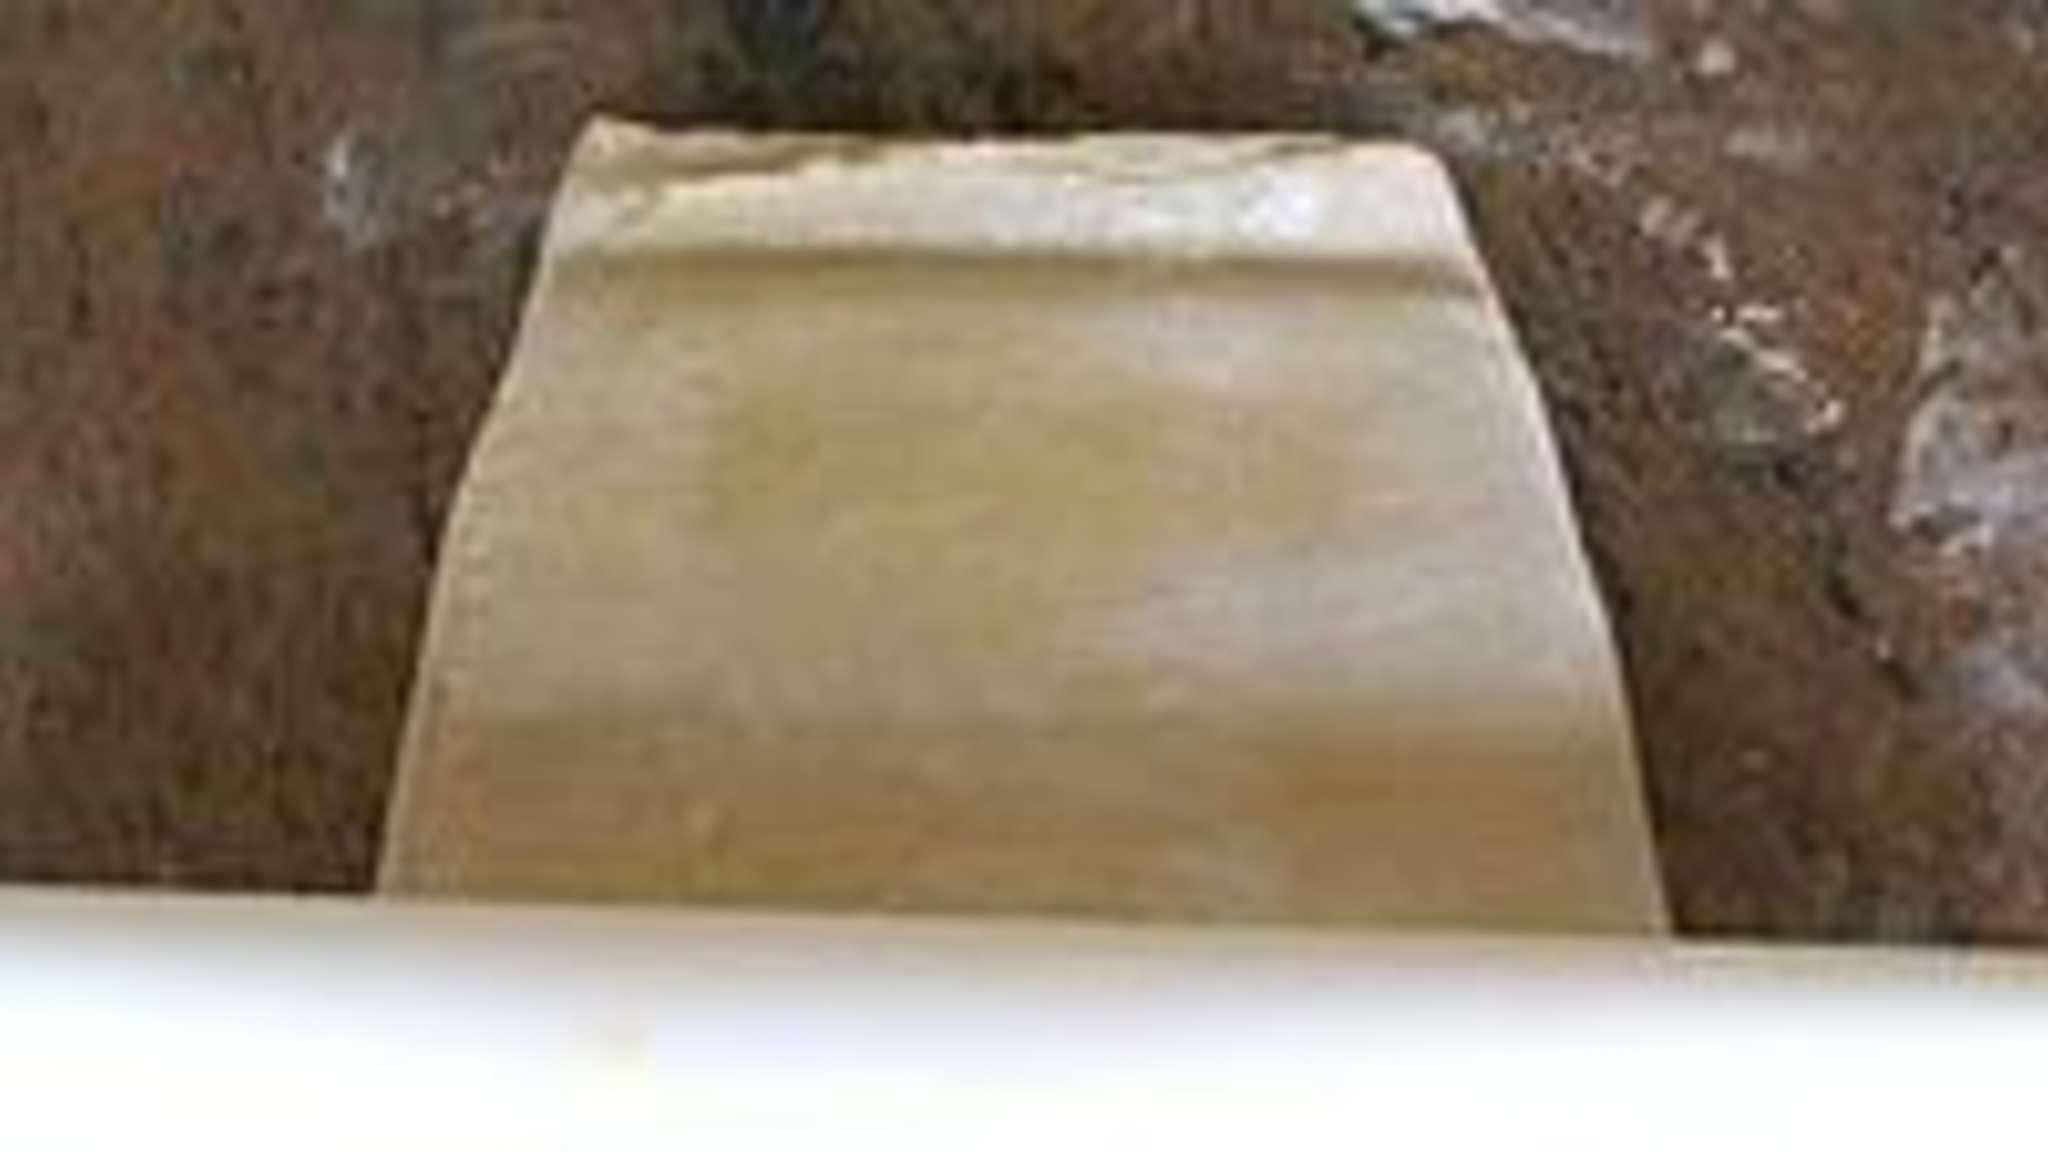 Abaisser une pâte feuilletée